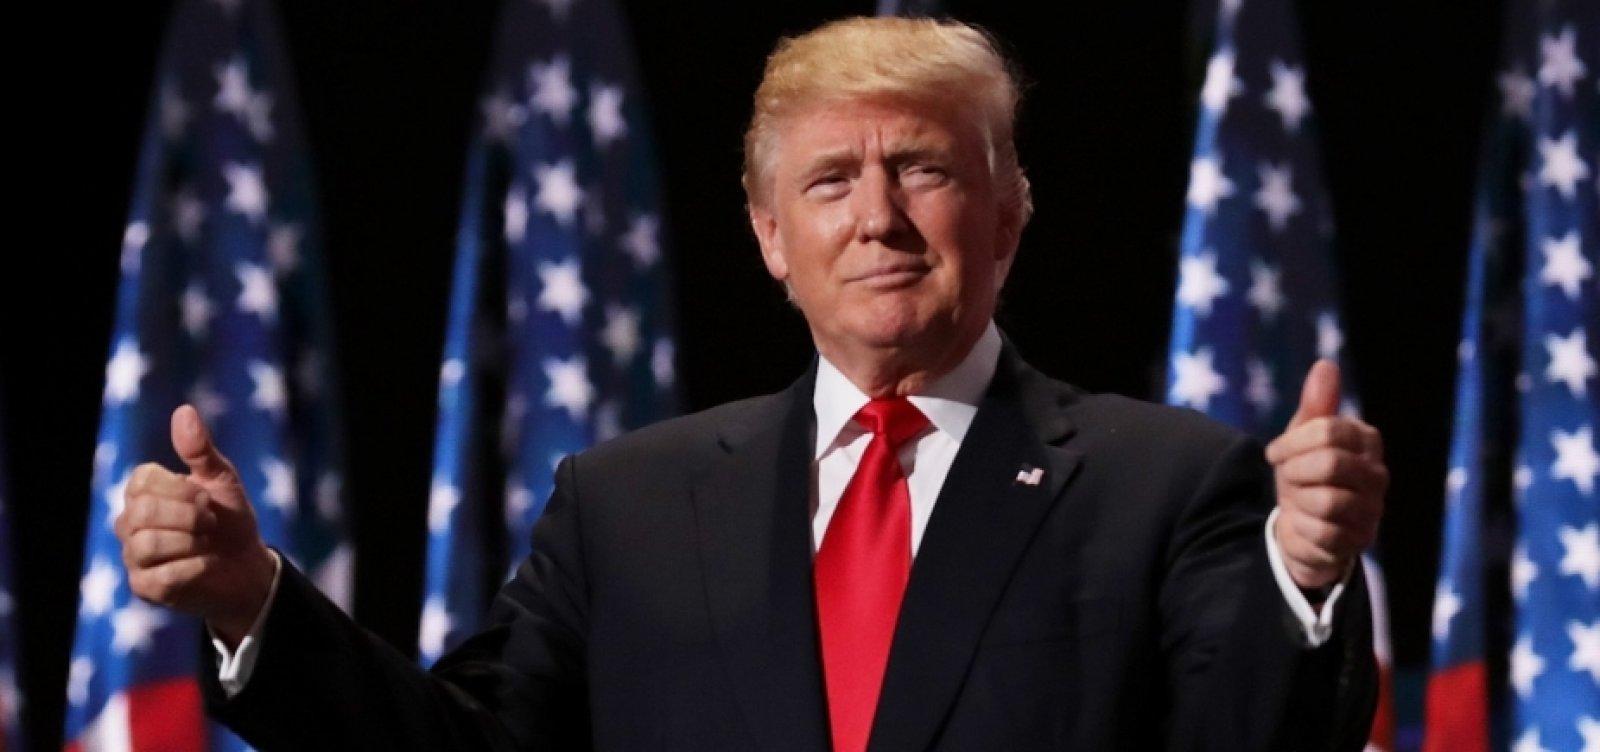 [Em comício, Trump afirma que Brasil 'não está bem' frente à pandemia]